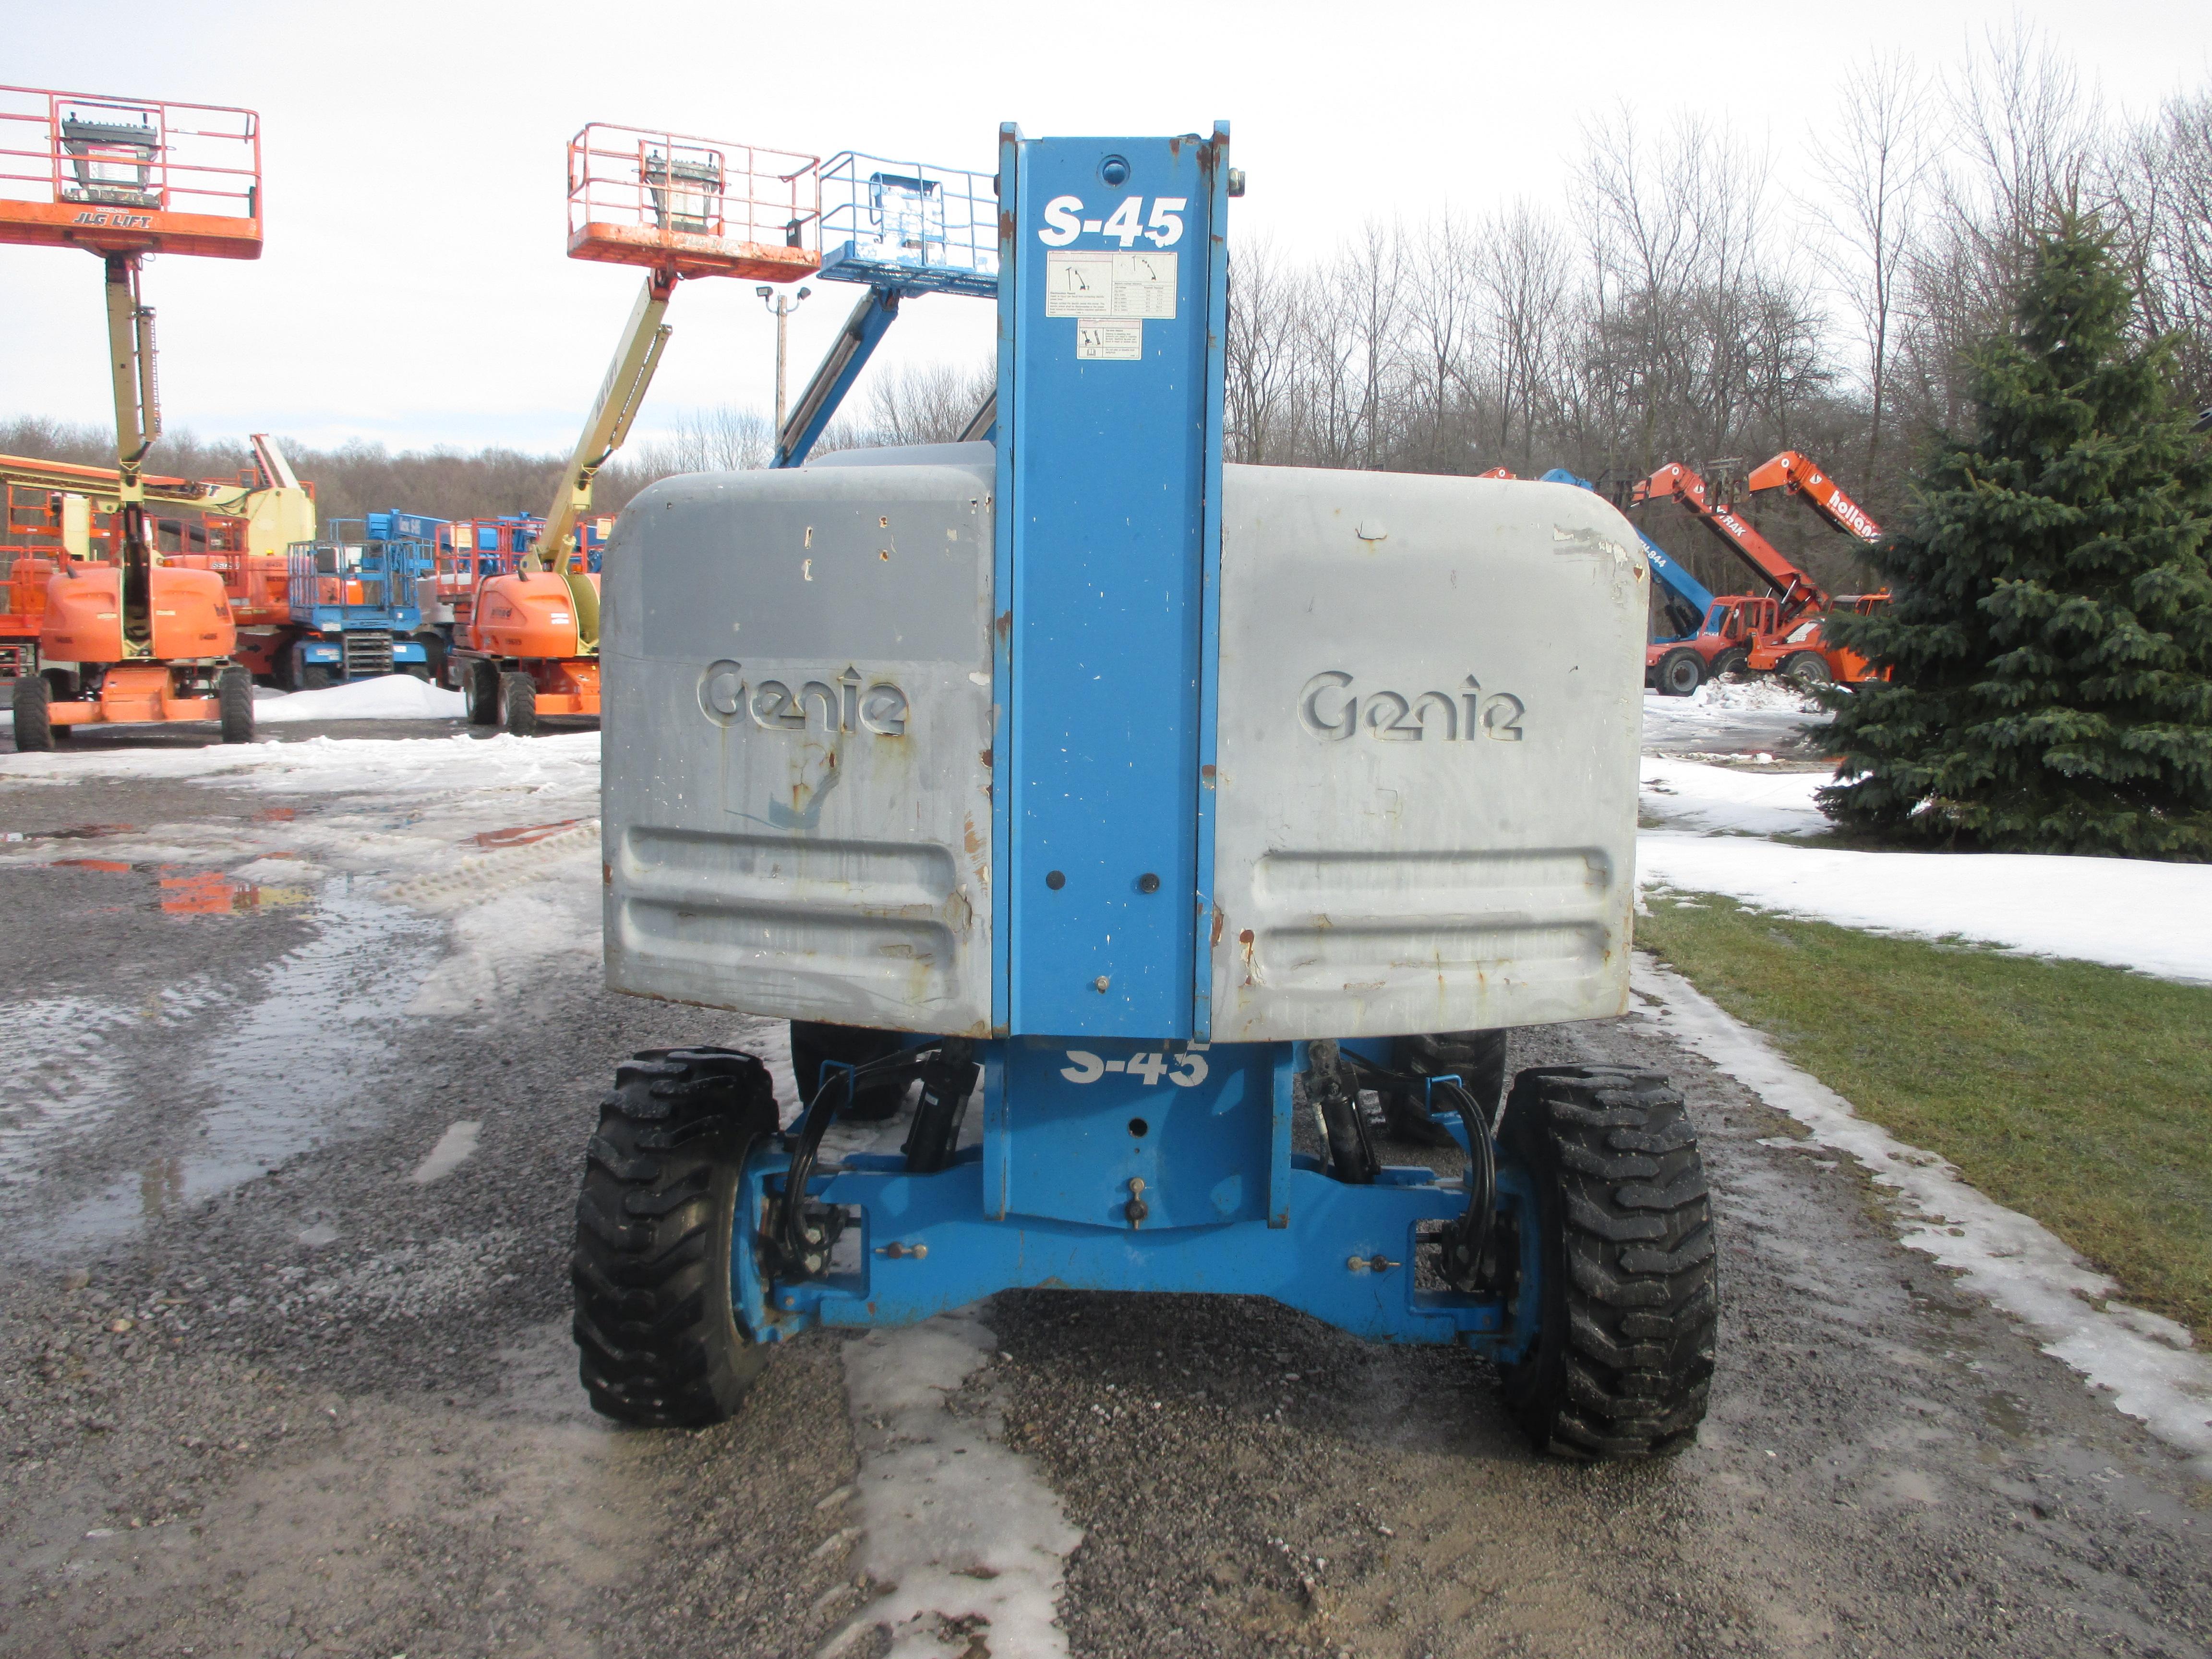 2011 Genie S45-5